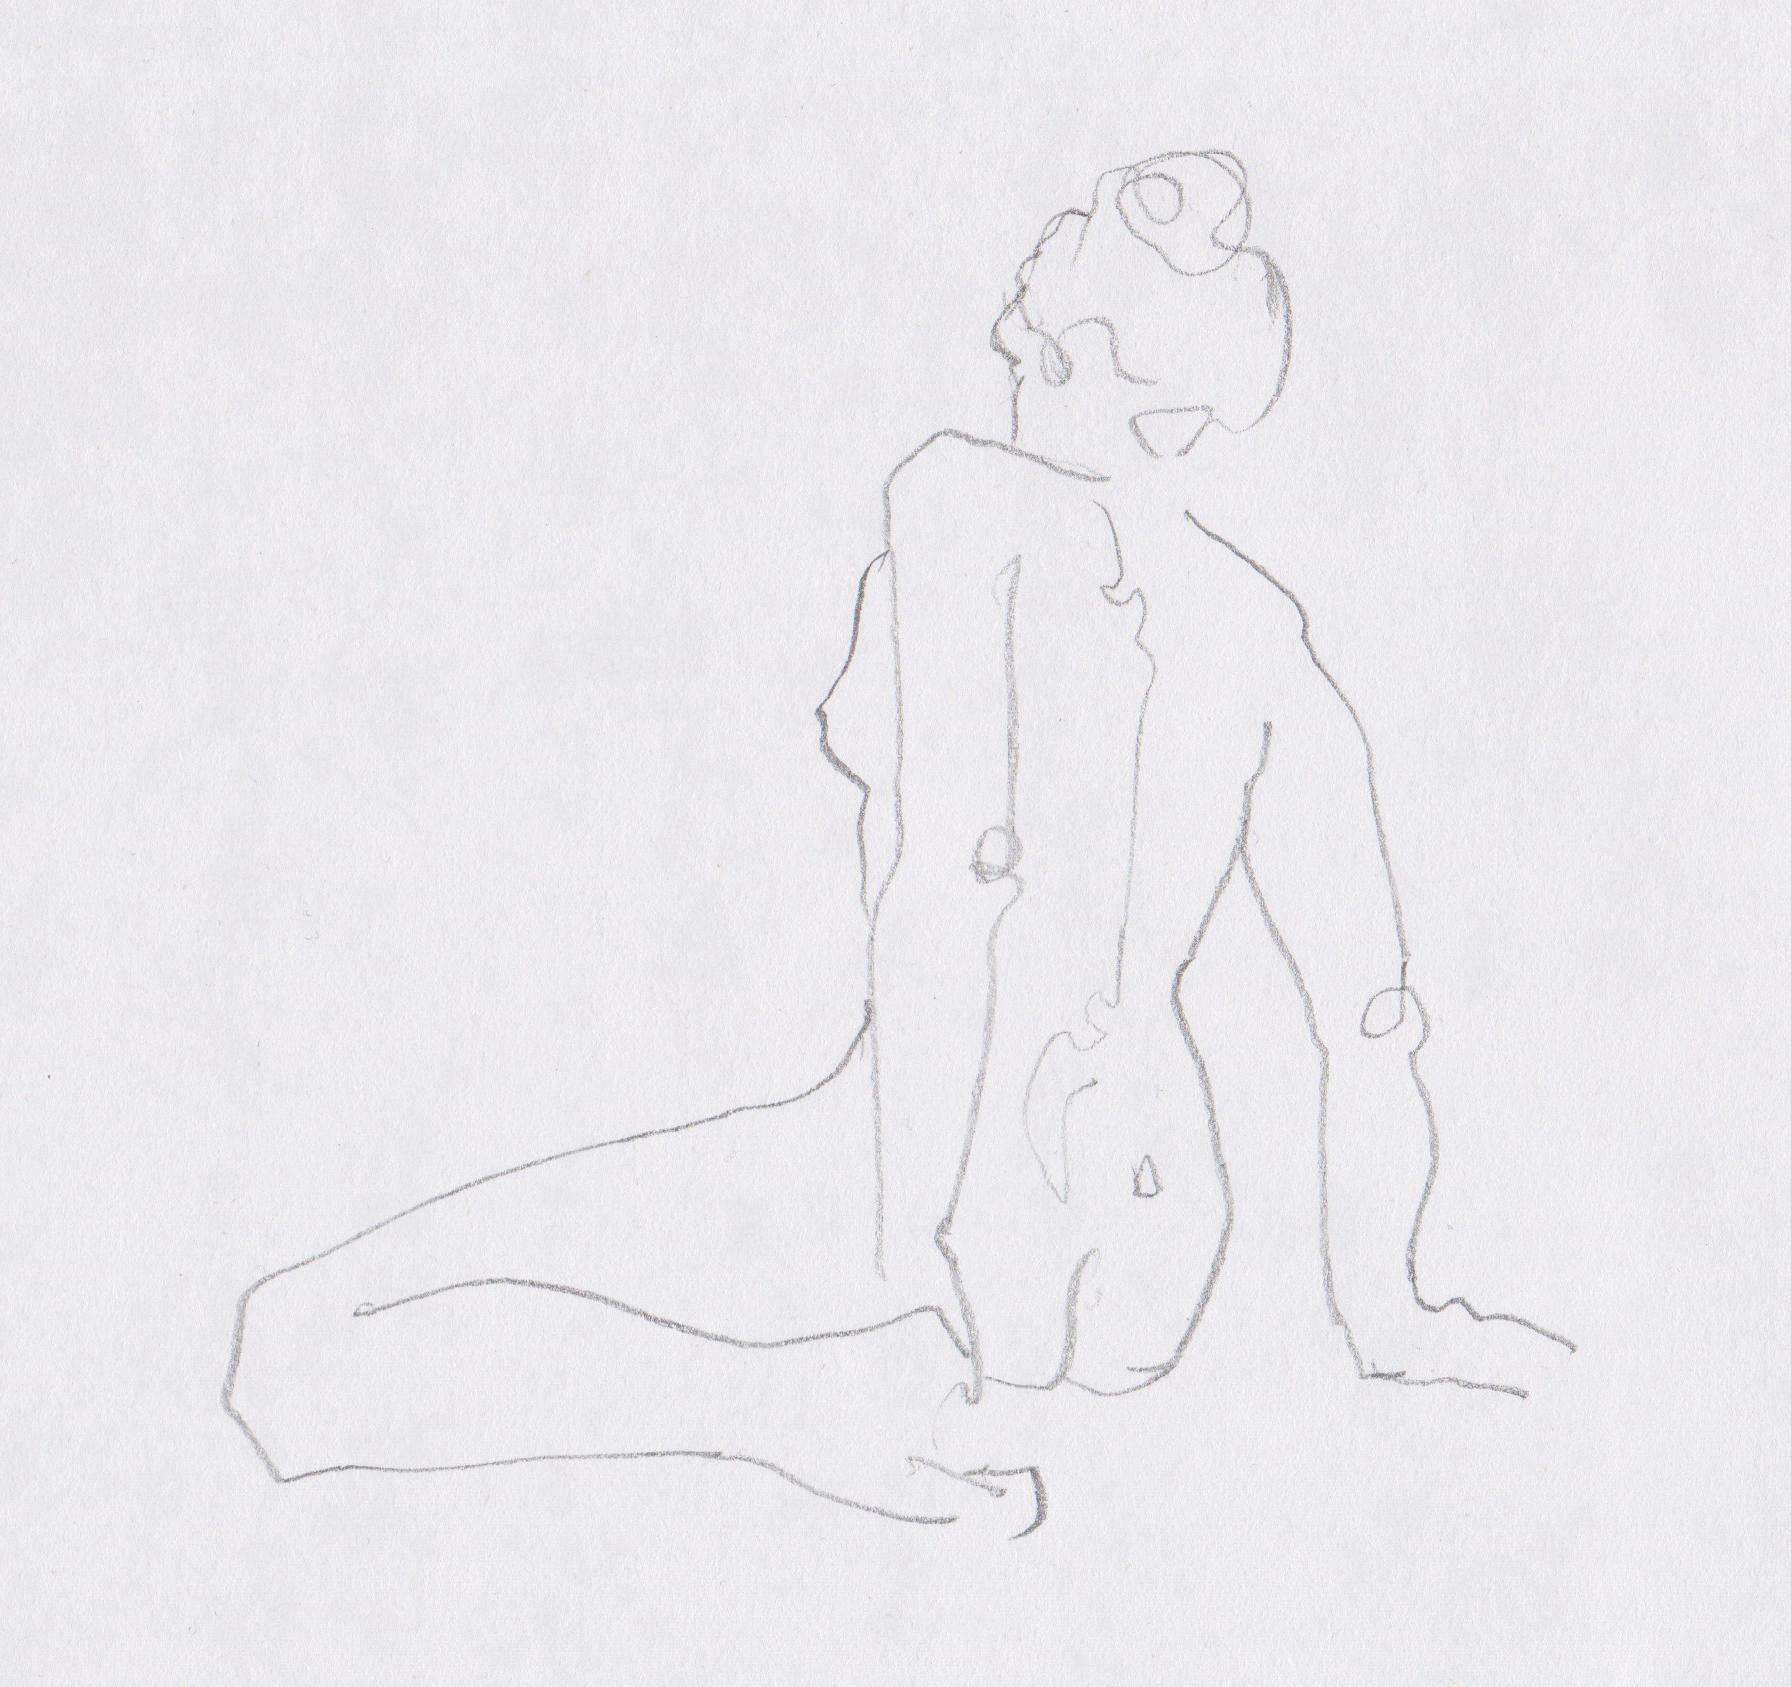 2016_Sketch_F-Beudin_Pauline_03